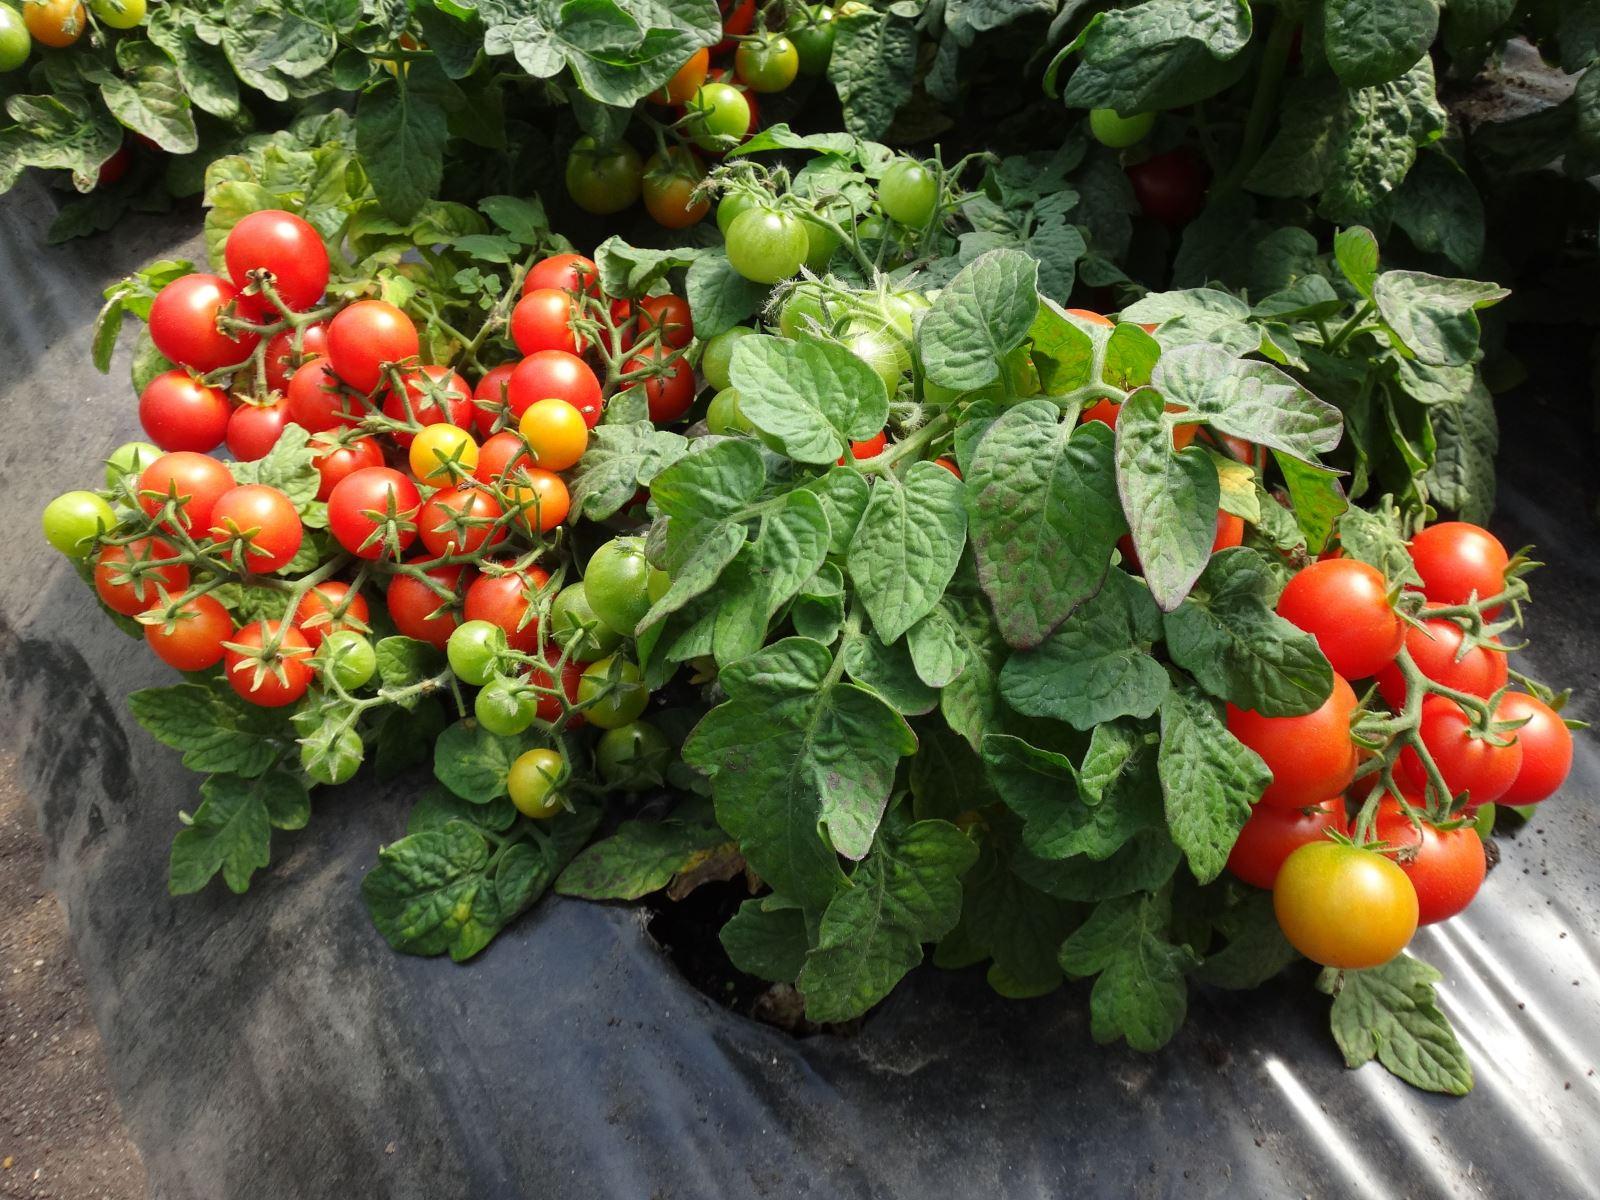 Томат видимо-невидимо (50 фото): описание сорта помидоров, о.